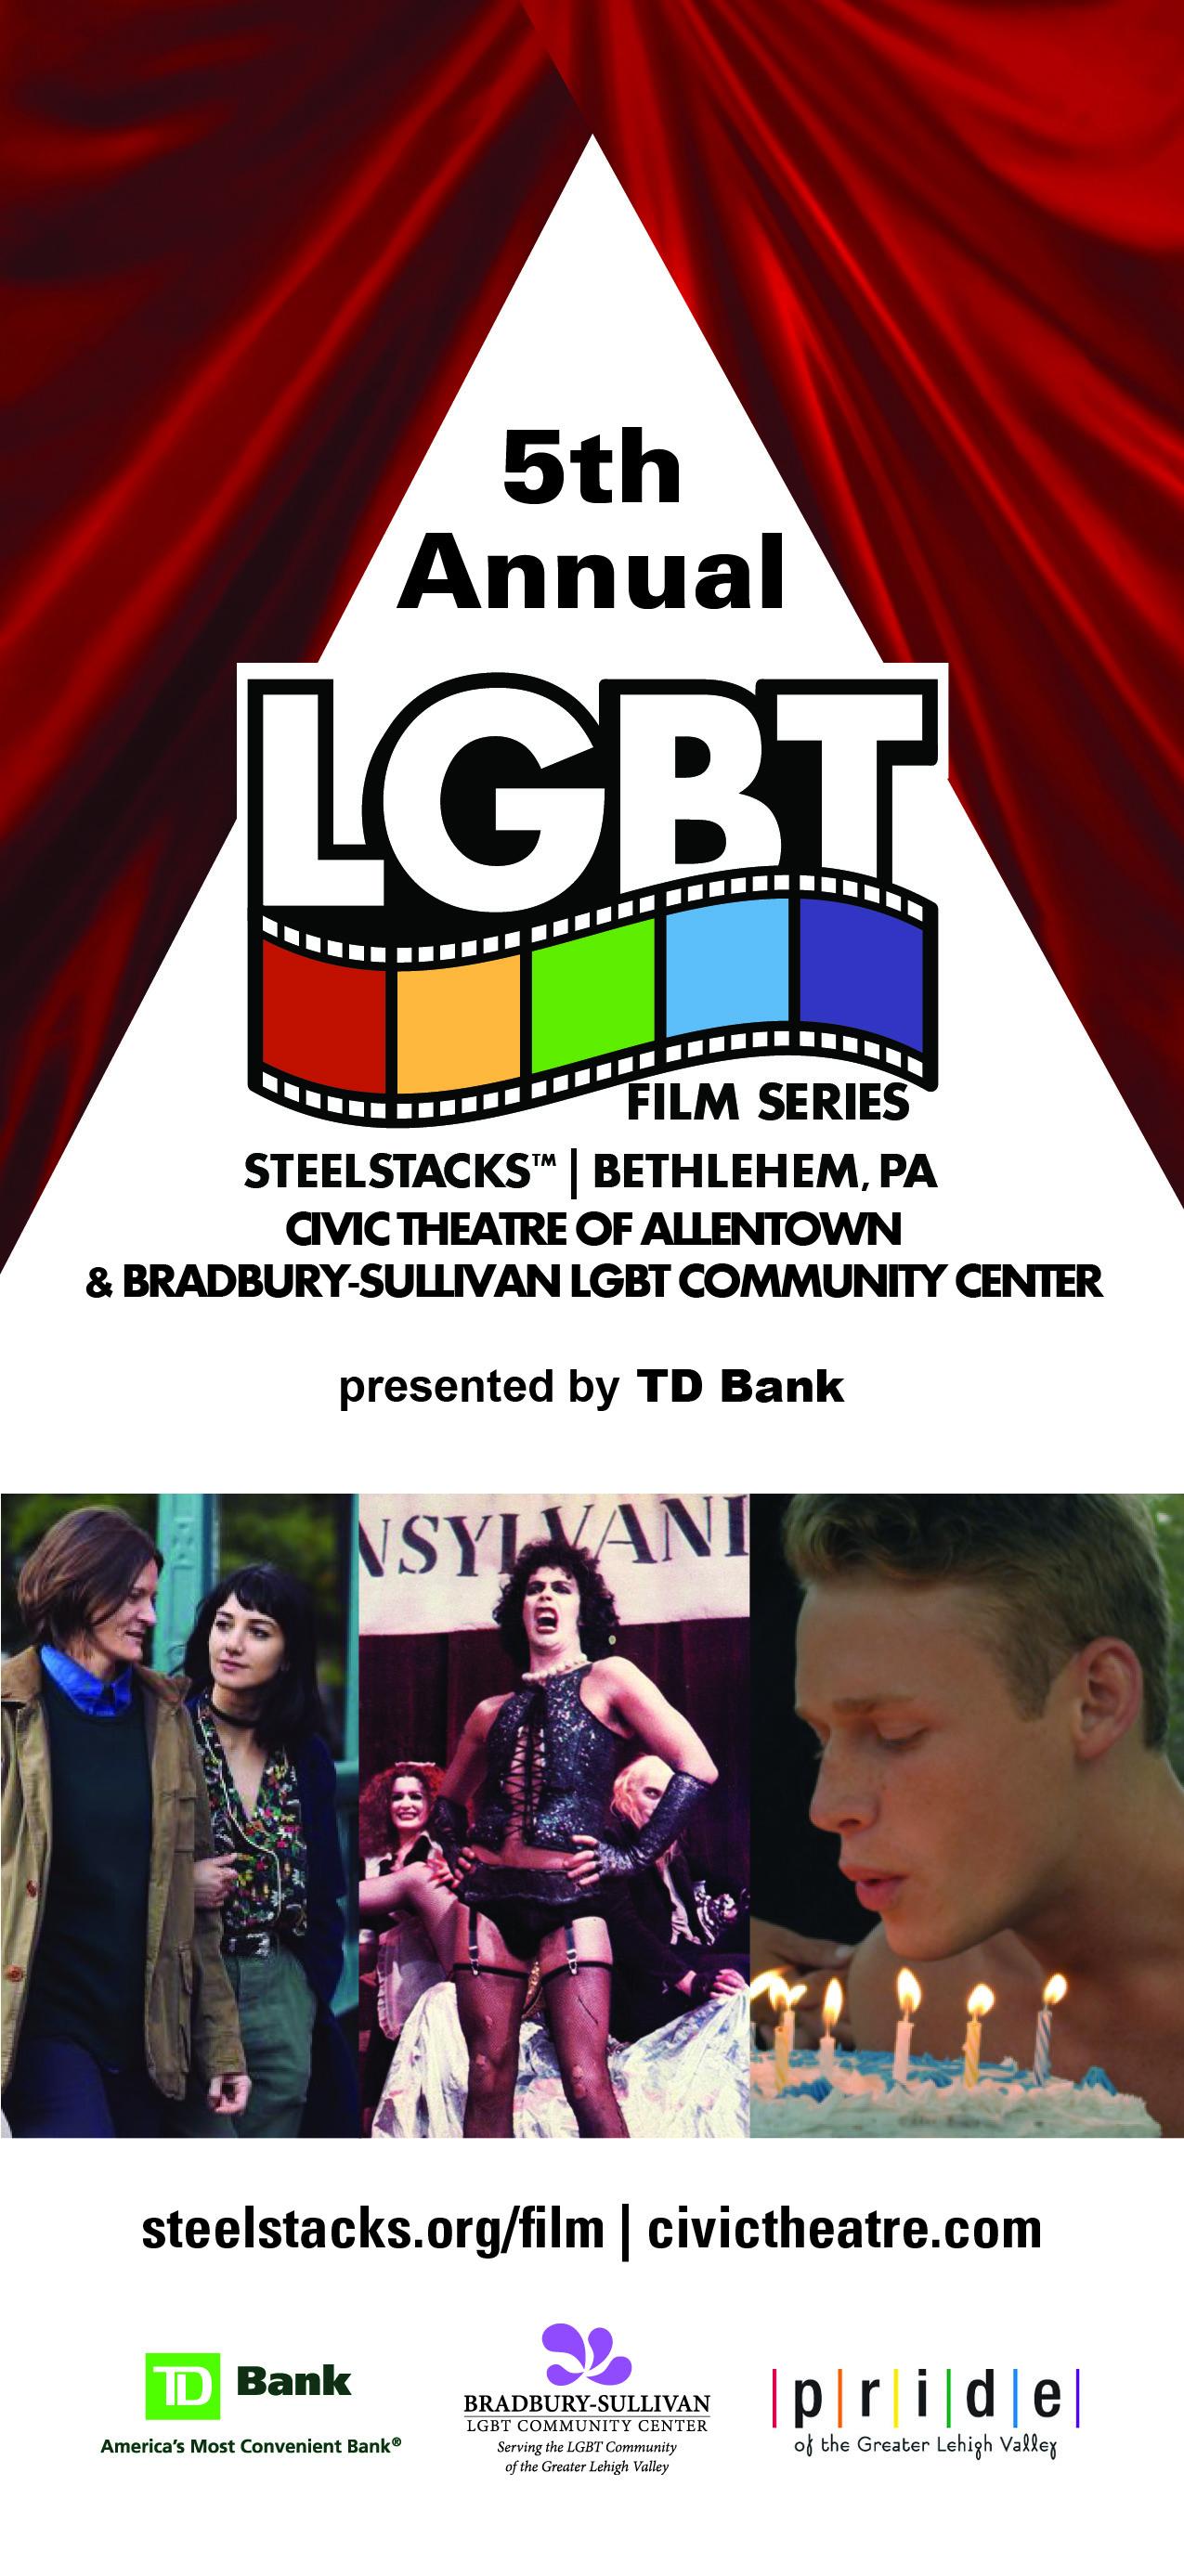 LGBTFilm_Rackcard2016.jpg